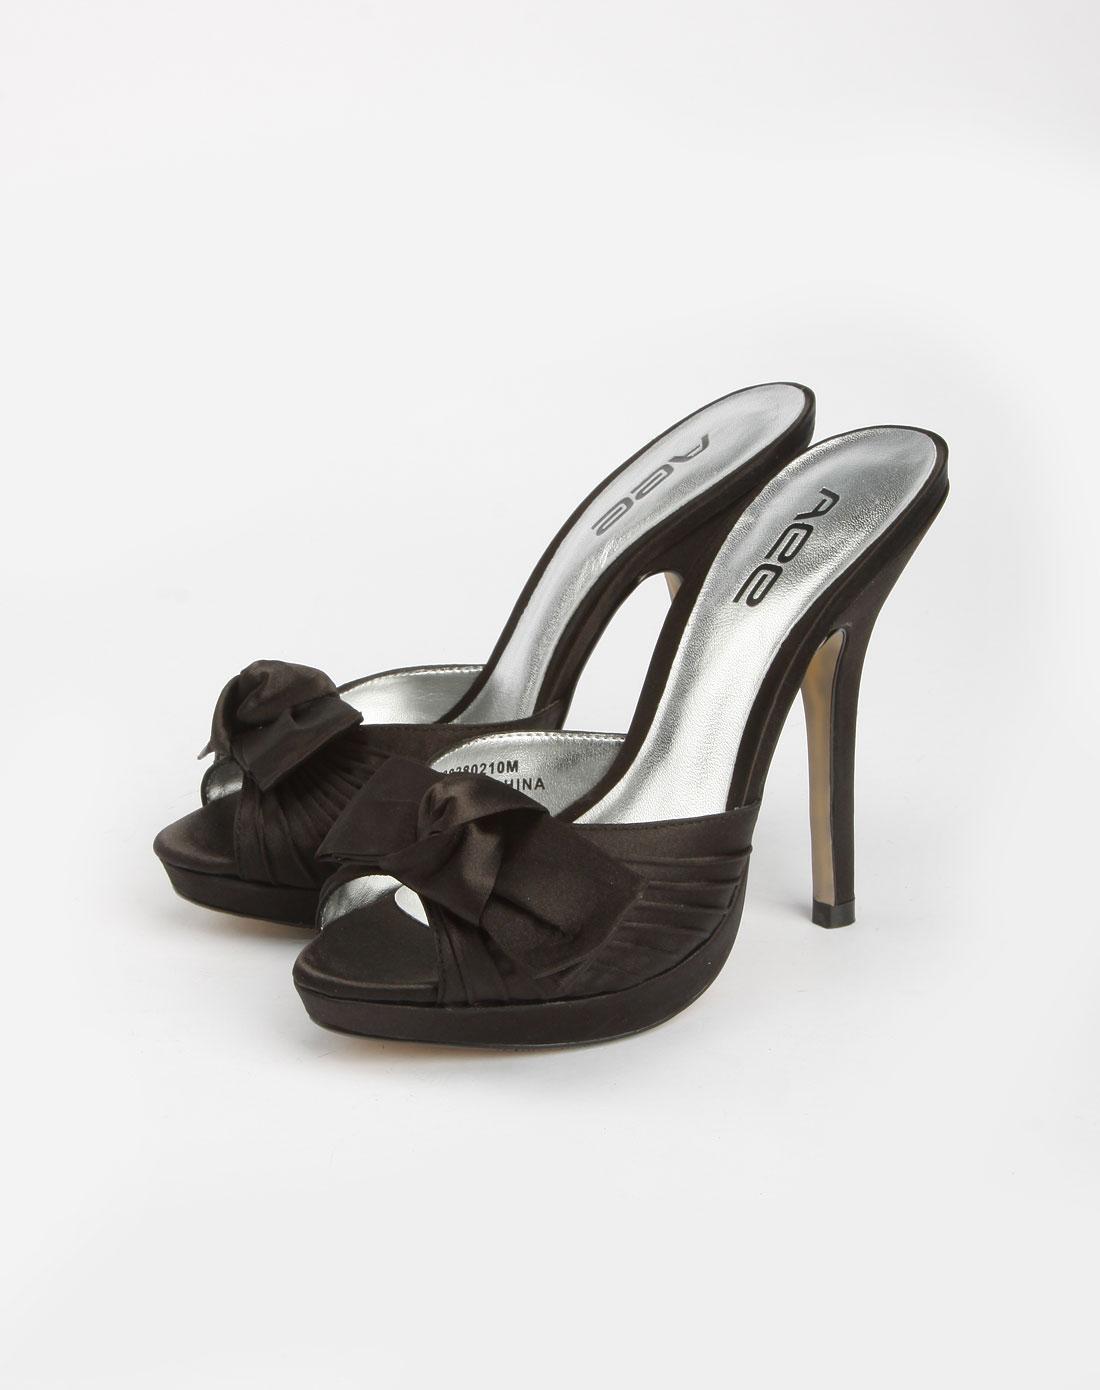 爱意 黑色皱褶蝴蝶结高跟鞋